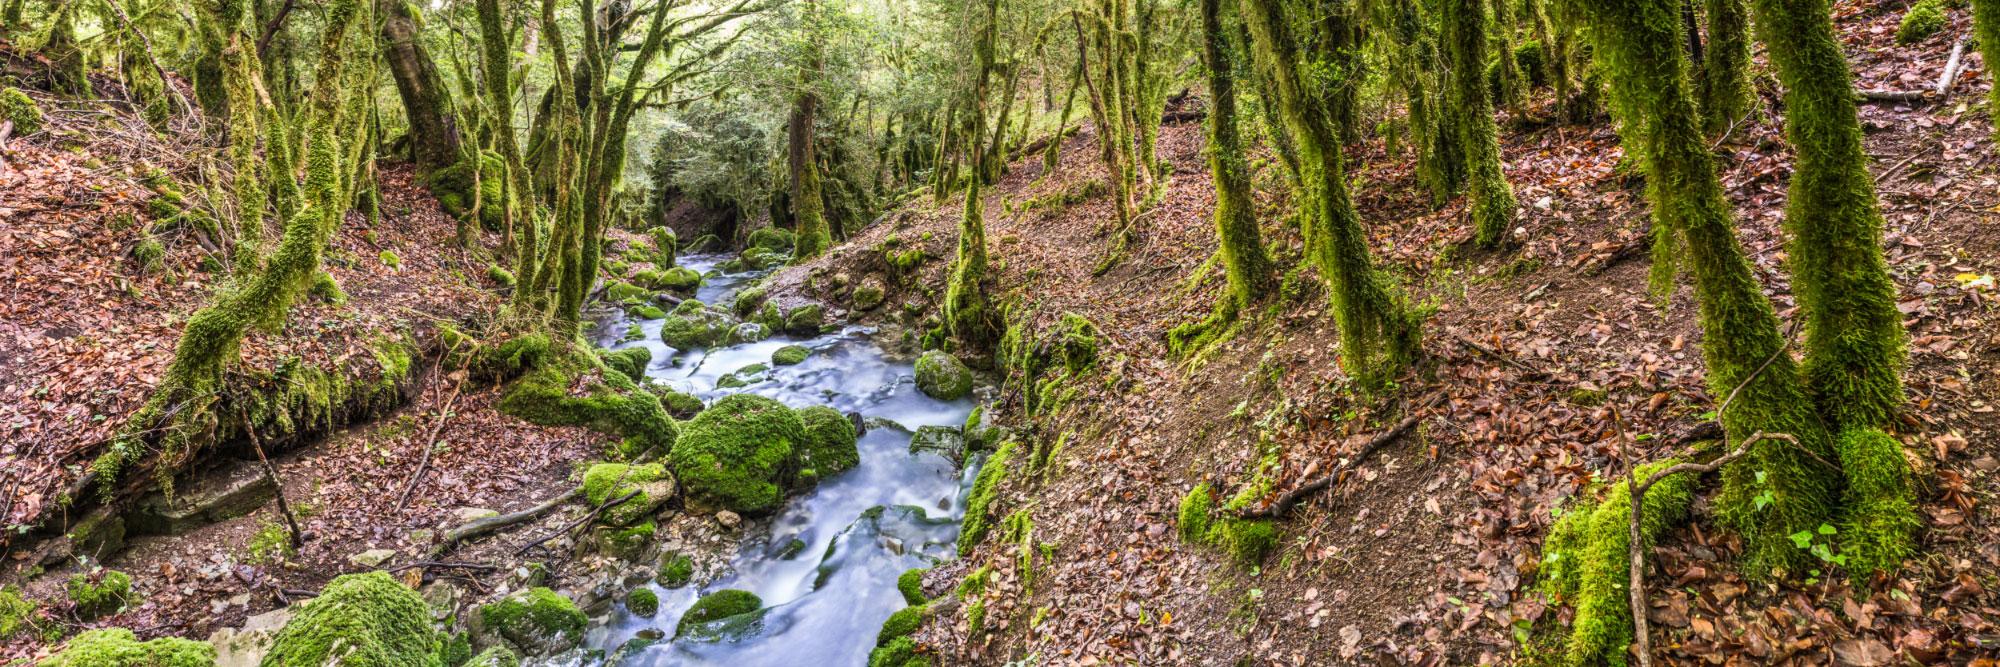 Ruisseau de Valcroissant, Diois, Vercors